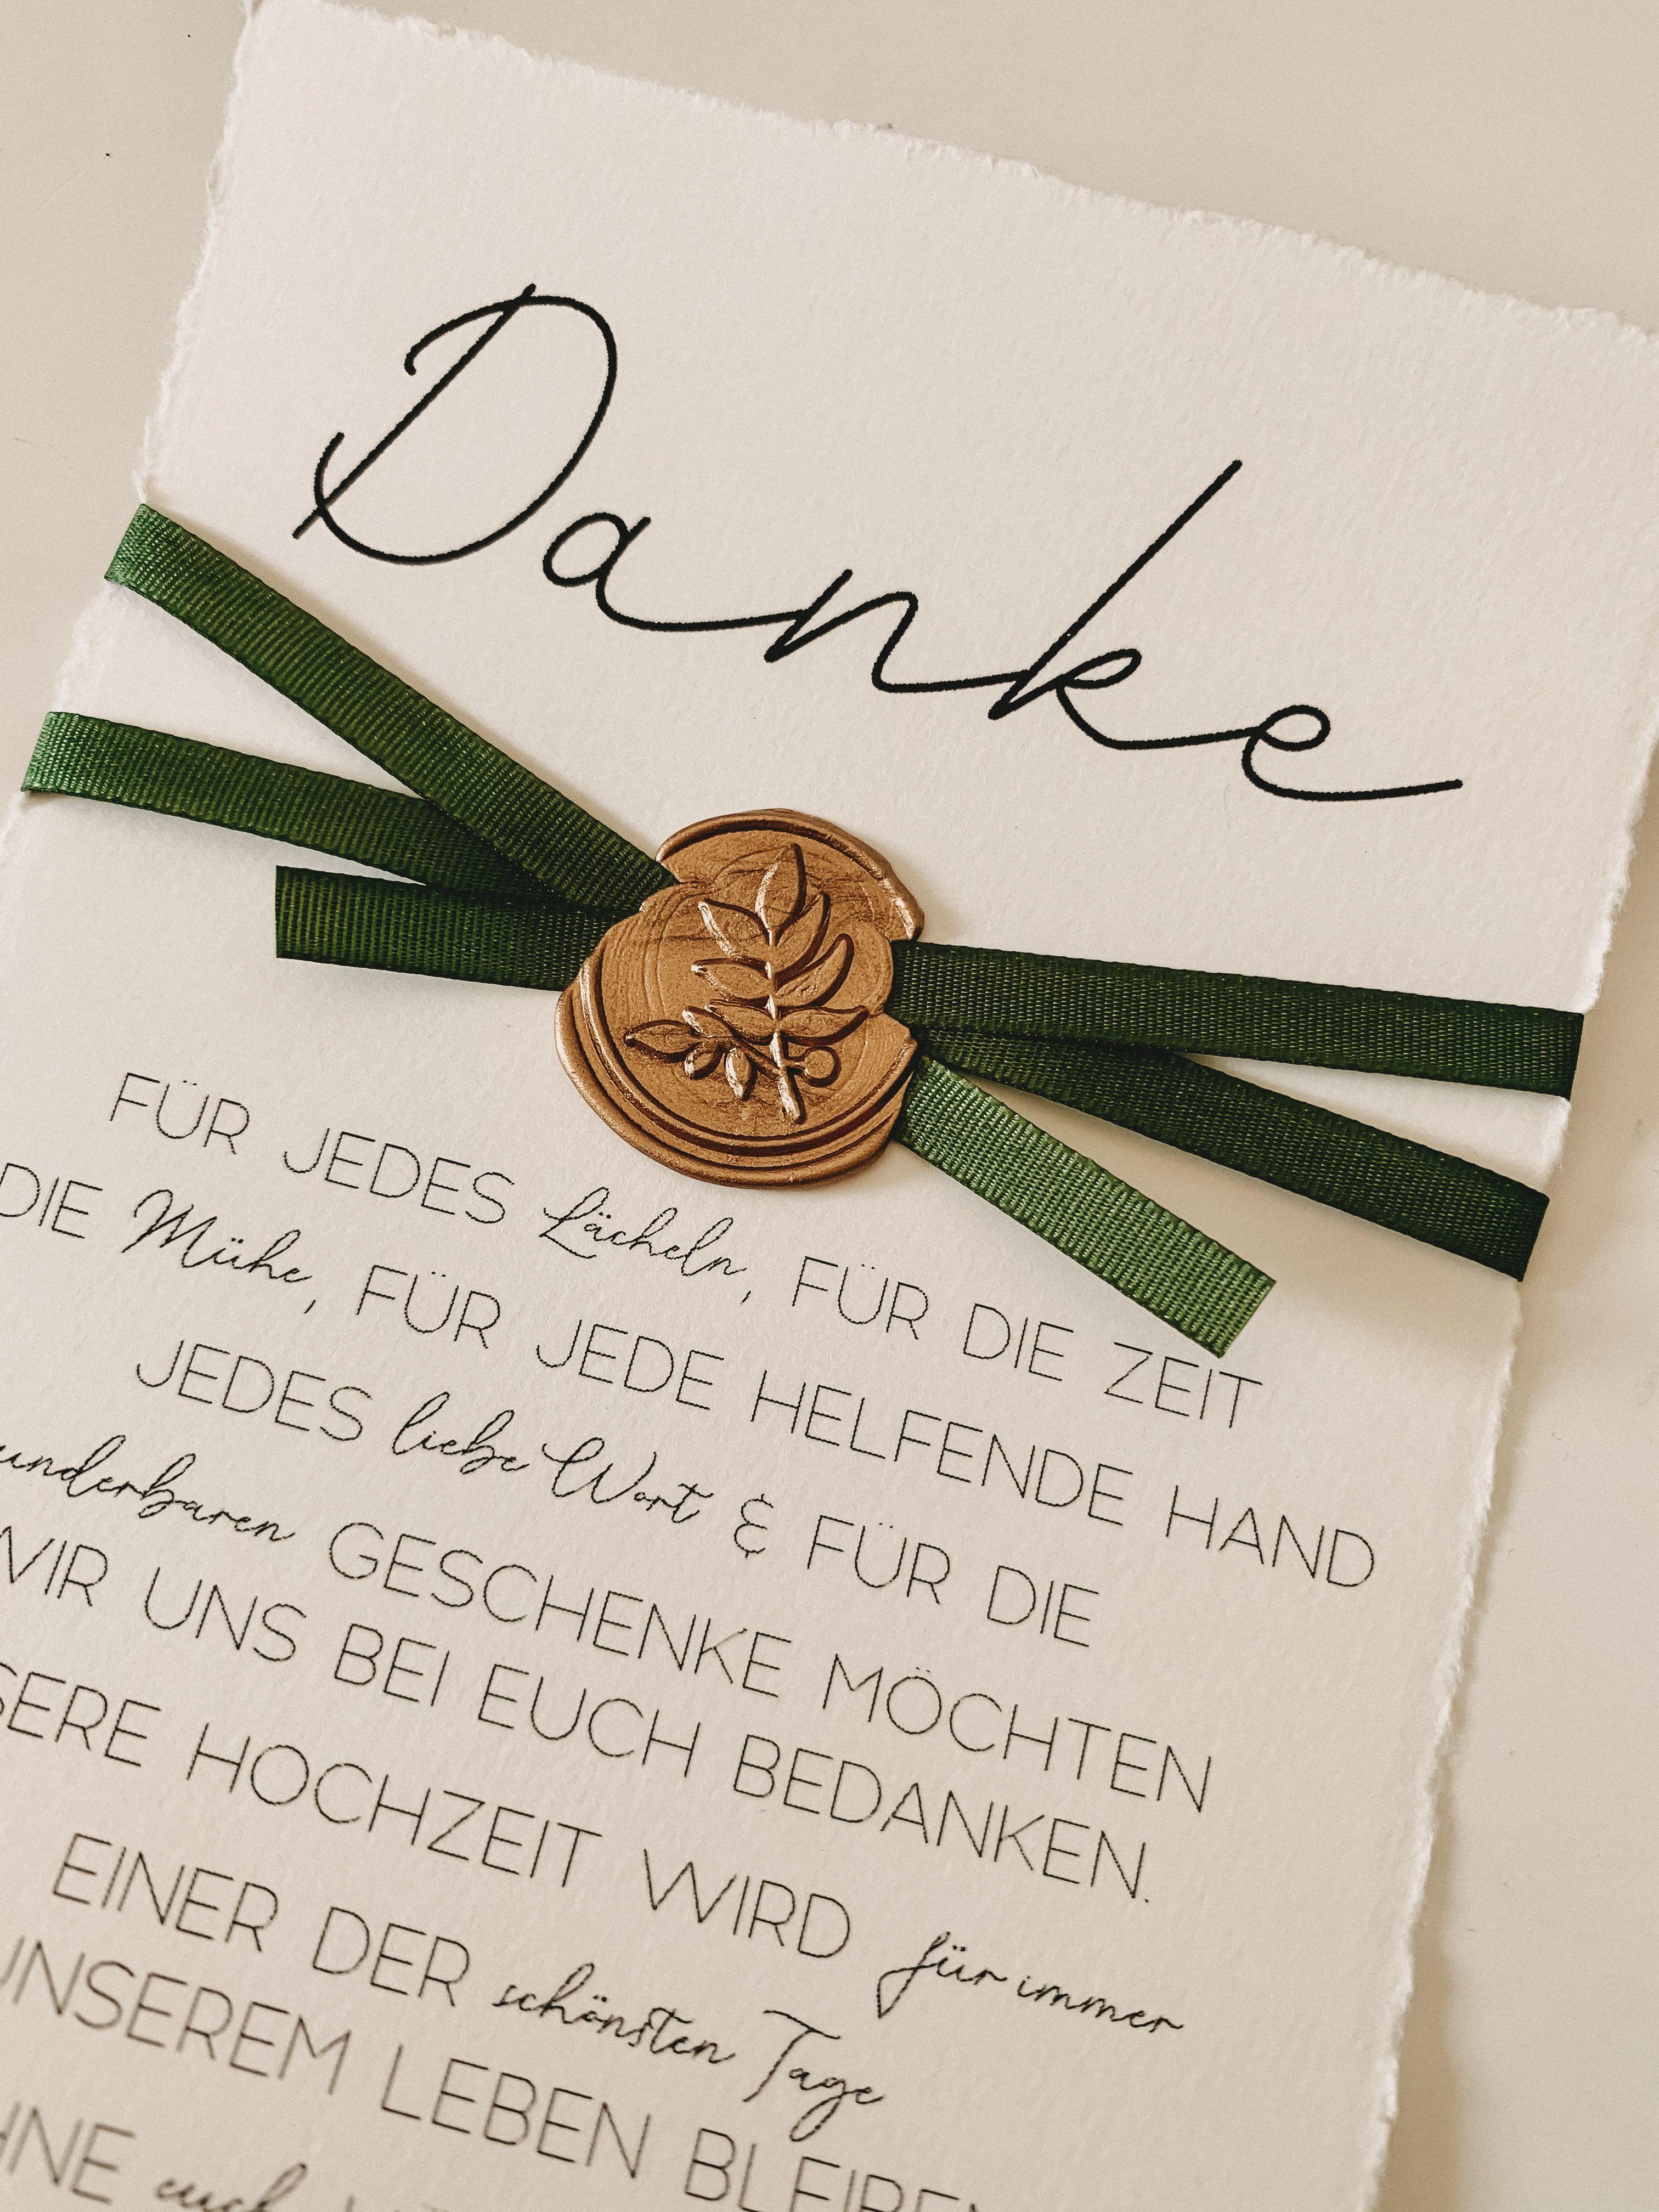 Dankeskarte A6 Aus Buttenpapier Hochzeit Karte Hochzeit Karten Getranke Karte